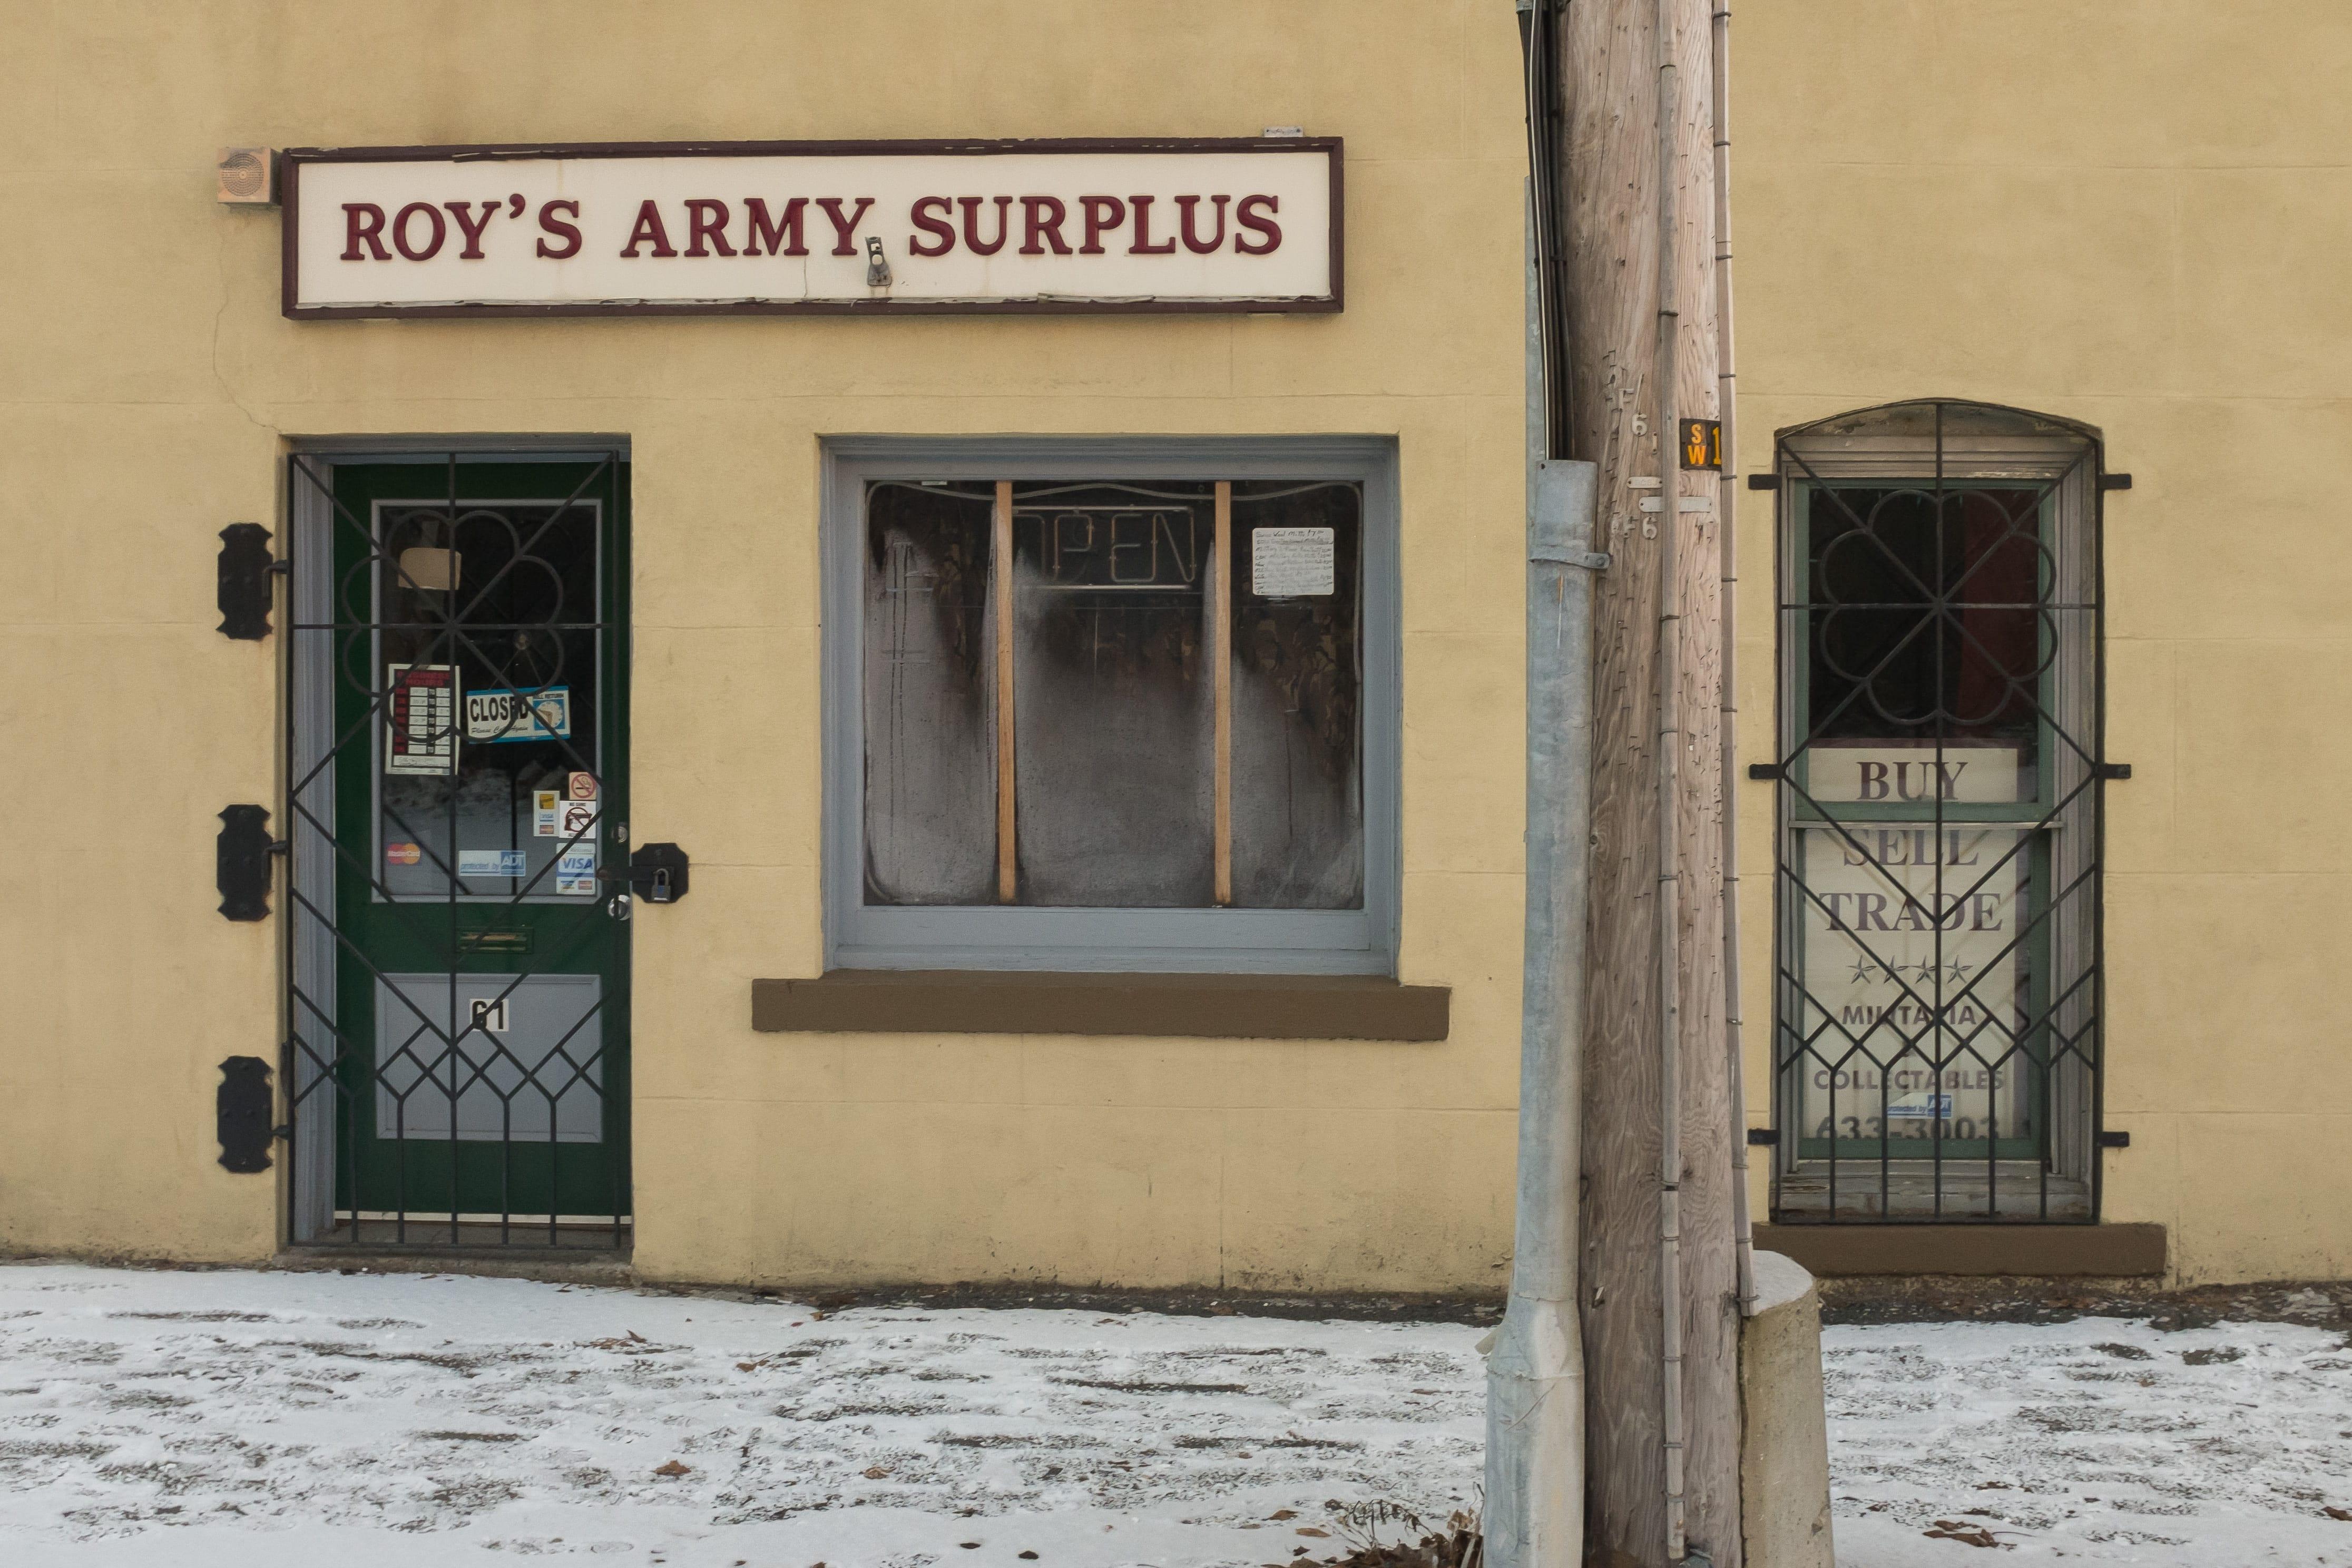 A photograph depicting Roys Army Surplus Entrance Saint John